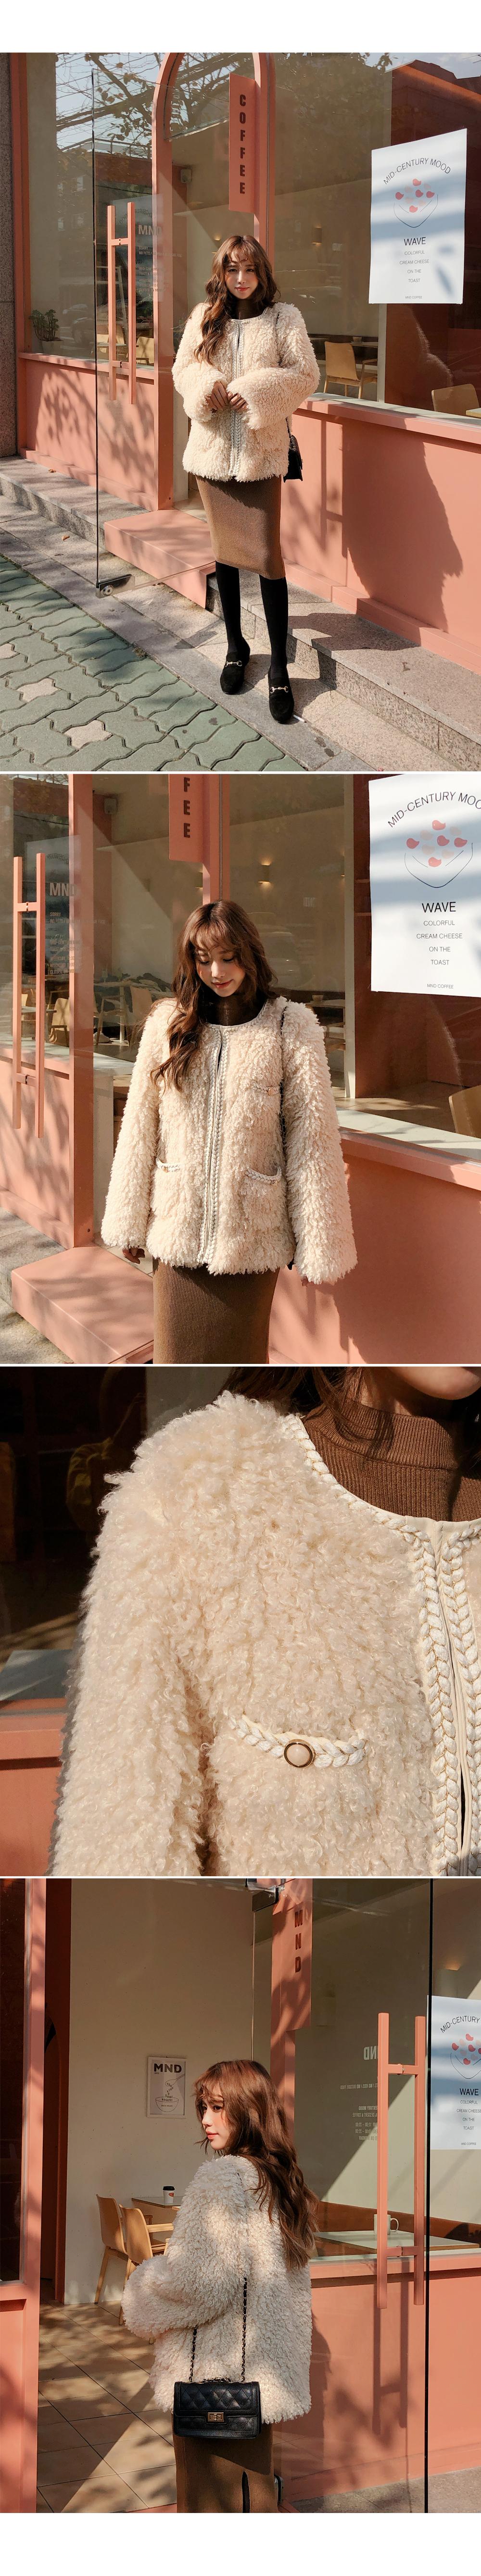 Elegant mood fur jacket